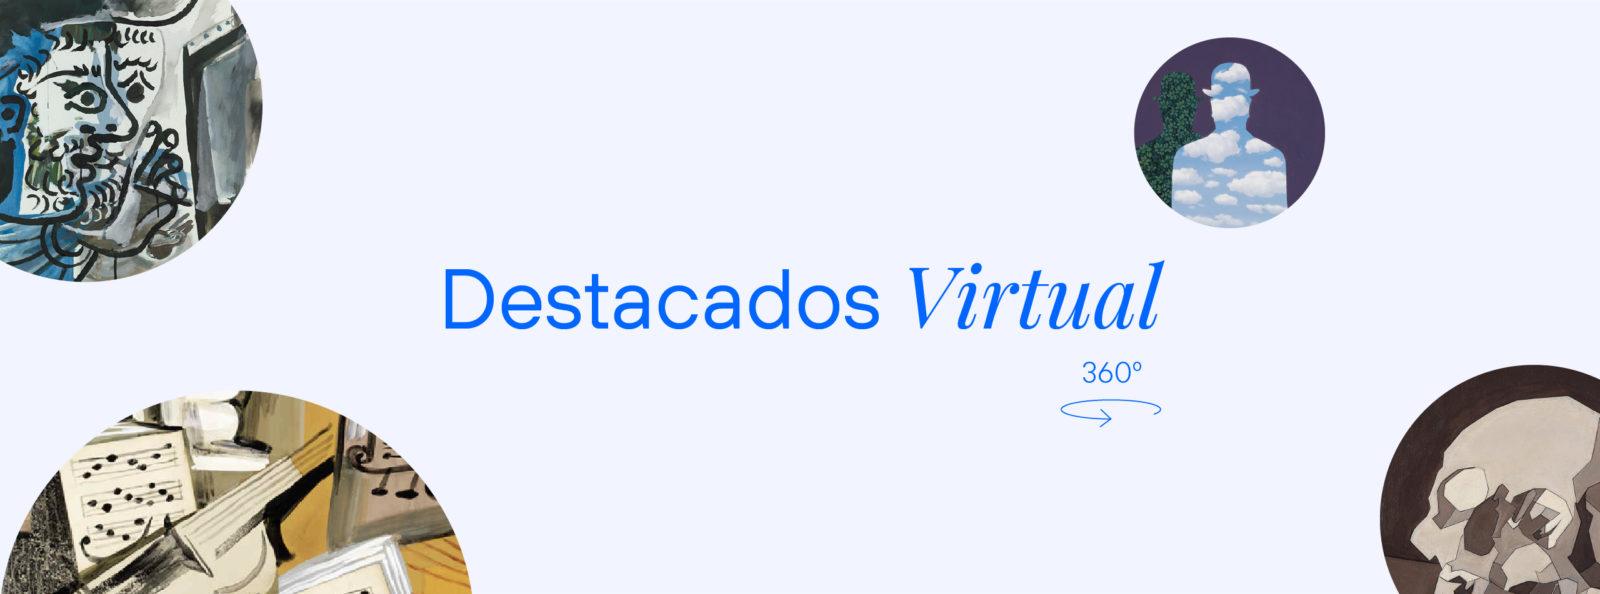 Descubre 'Destacados Virtual', una experiencia interactiva de la Colección Telefónica